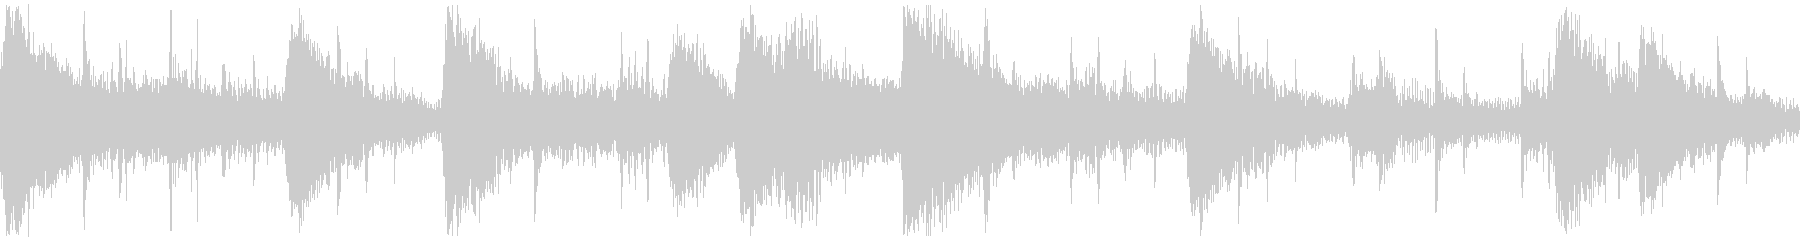 <ショートループ> ピアノ③+ビートBの未再生の波形